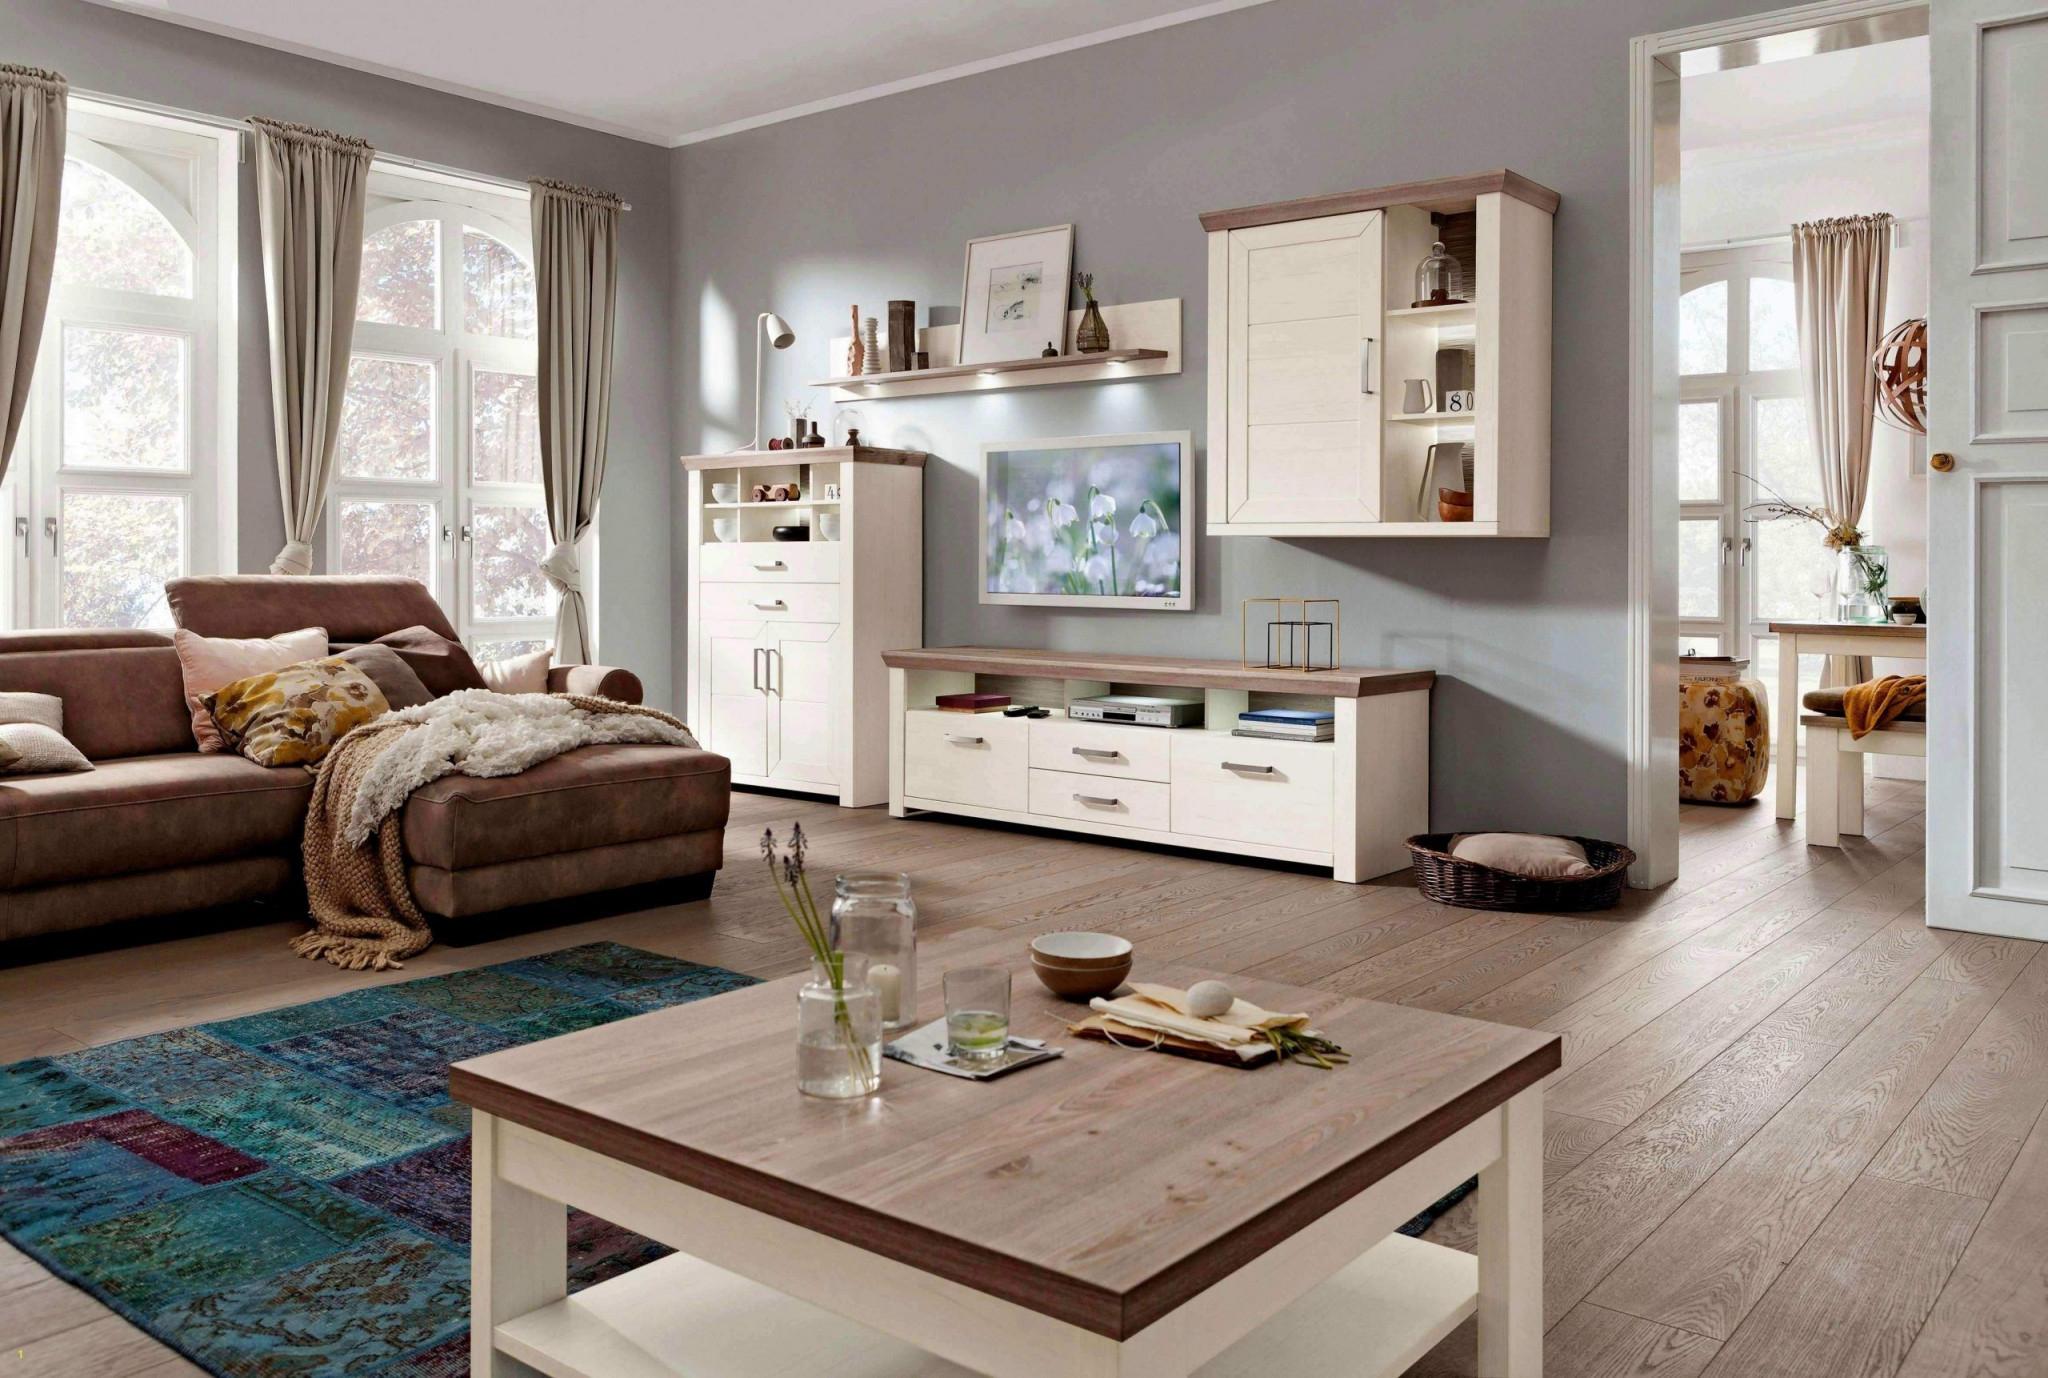 22 Elegante Moderne Wohnzimmer Ideen Die Sie Möchten 11 In von Wohnzimmer Elegant Einrichten Bild